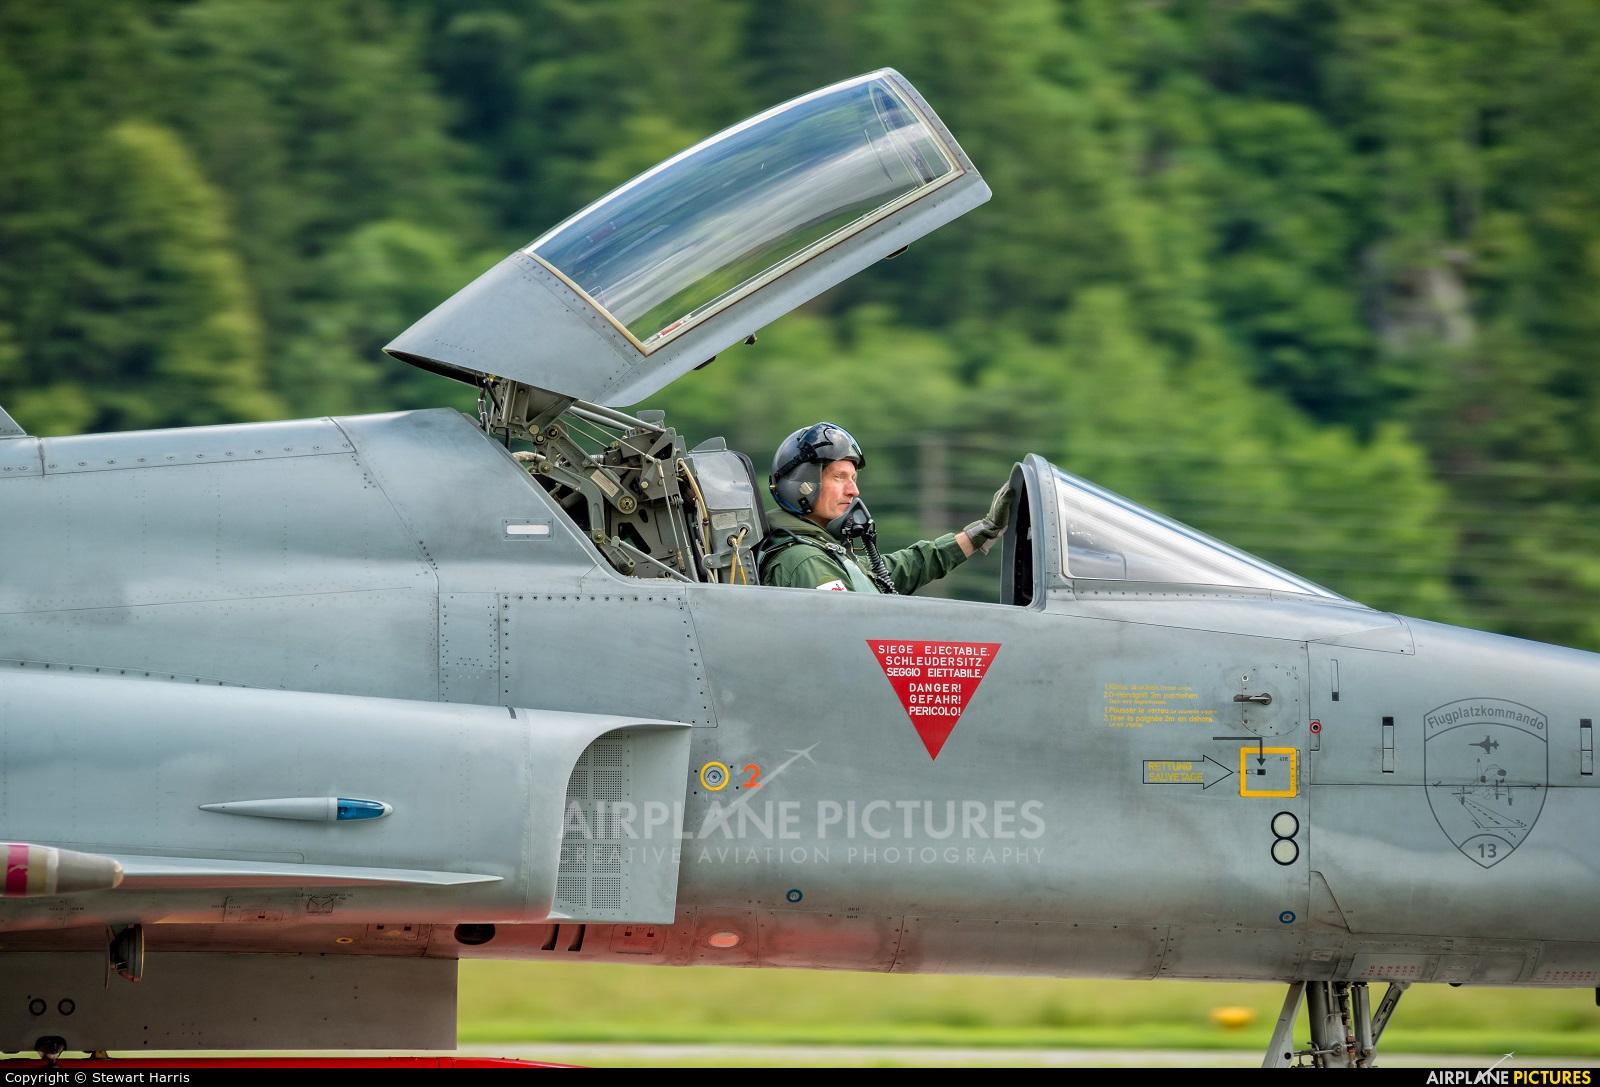 Switzerland - Air Force J-3030 aircraft at Meiringen